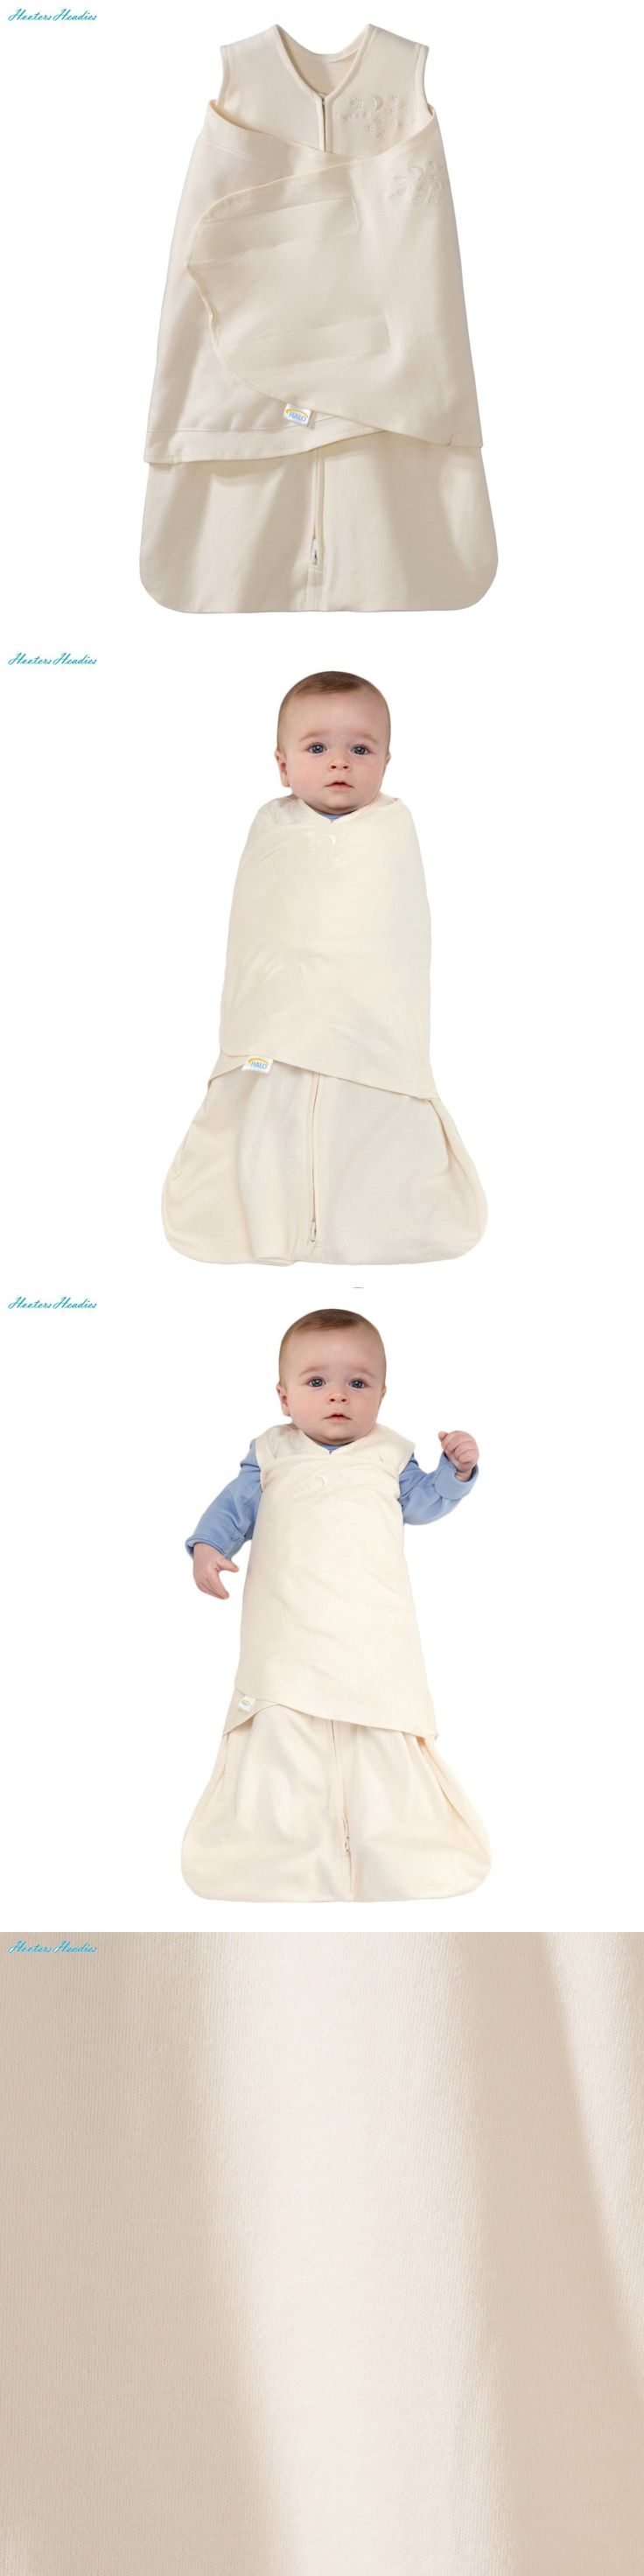 Sleeping Bags and Sleepsacks 100989: Halo Sleepsack 100% Cotton Swaddle, Cream, Small -> BUY IT NOW ONLY: $38.05 on eBay!